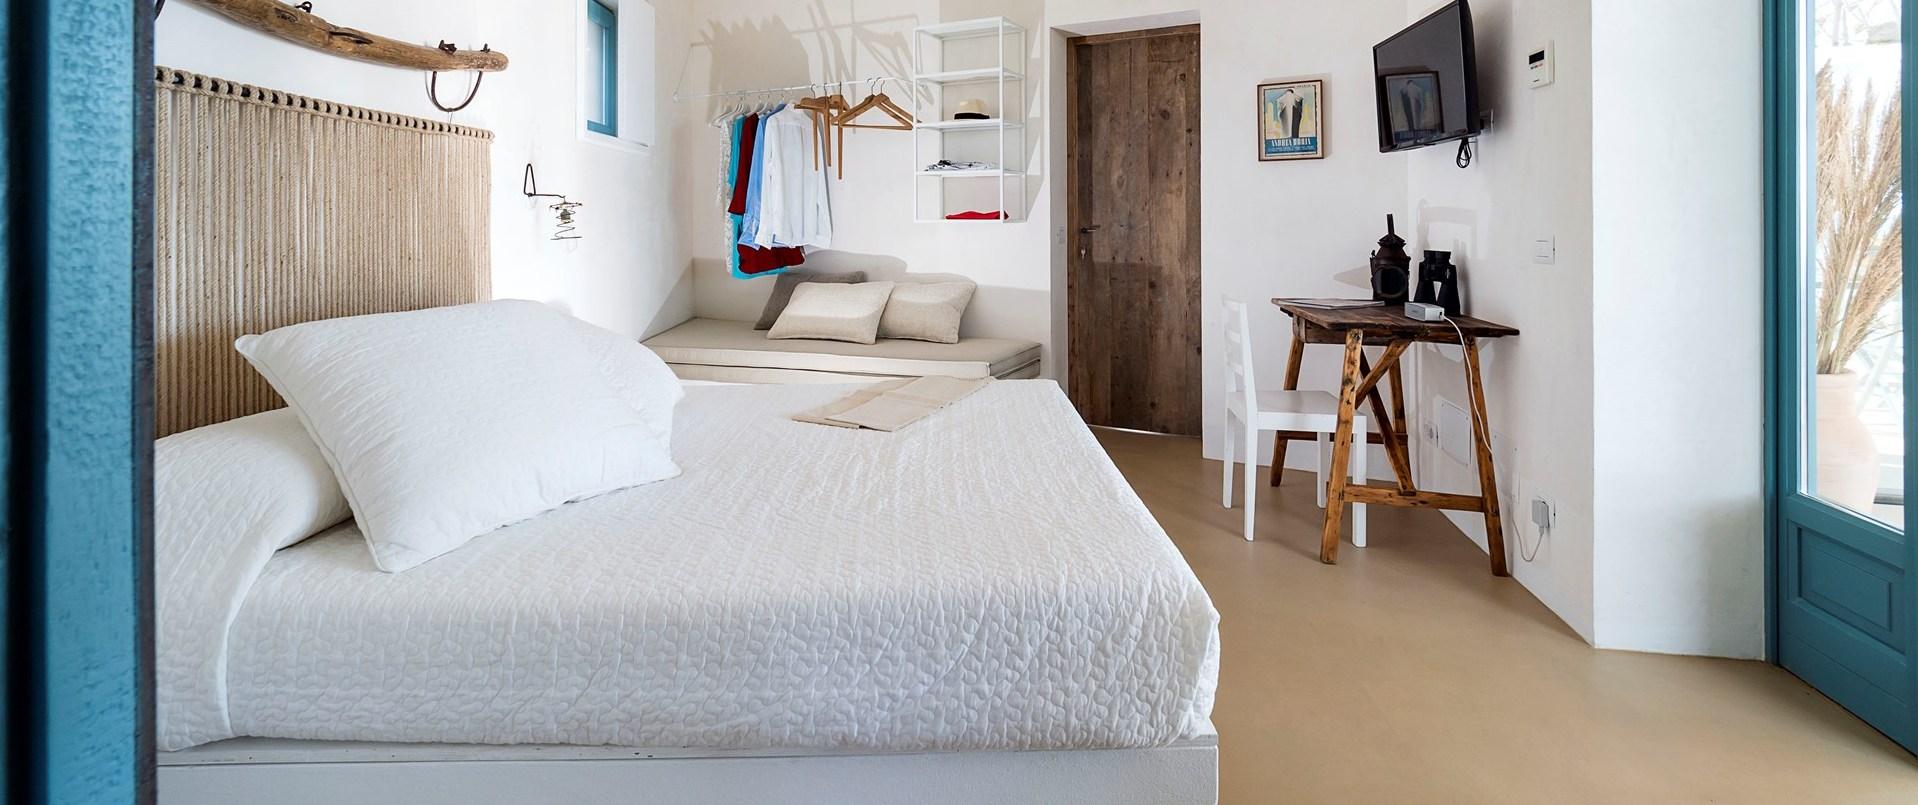 golden-sands-double-bedroom-2